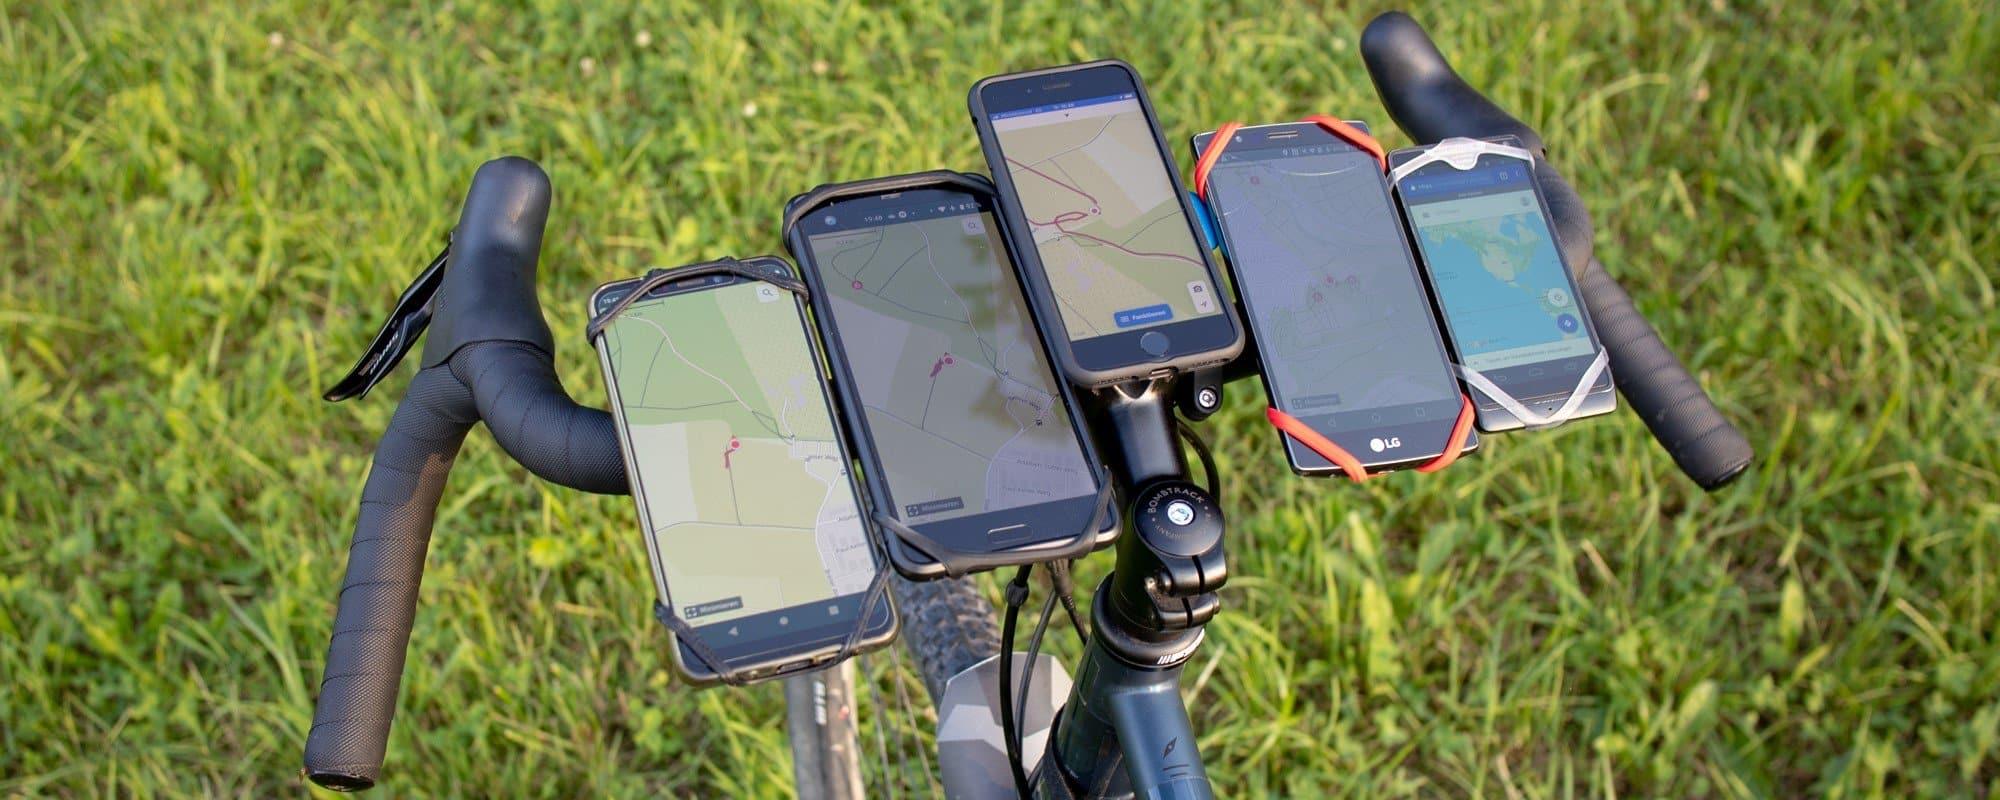 Handyhalterung Fahrrad Test 2021 - Die besten Smartphone Halter fürs Fahrrad!